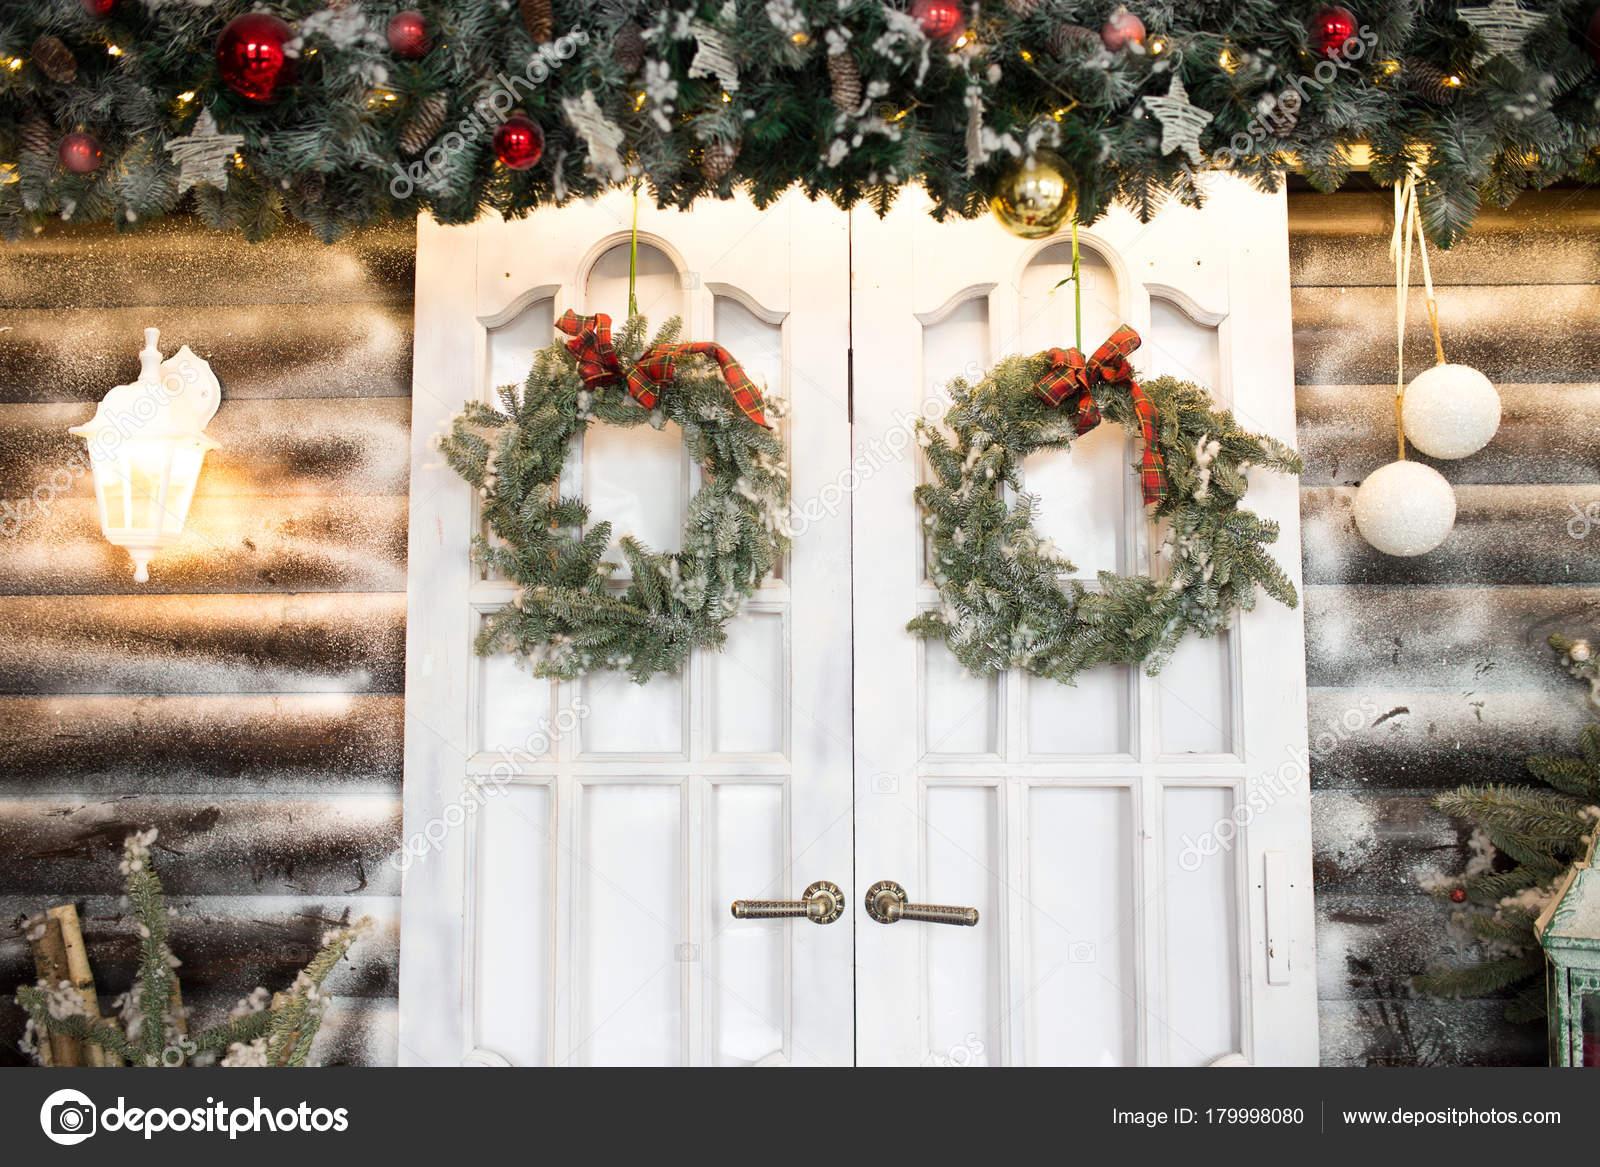 Decorazioni Per Porte Natalizie : Porte di capodanno con ghirlande di natale. decorazioni per un